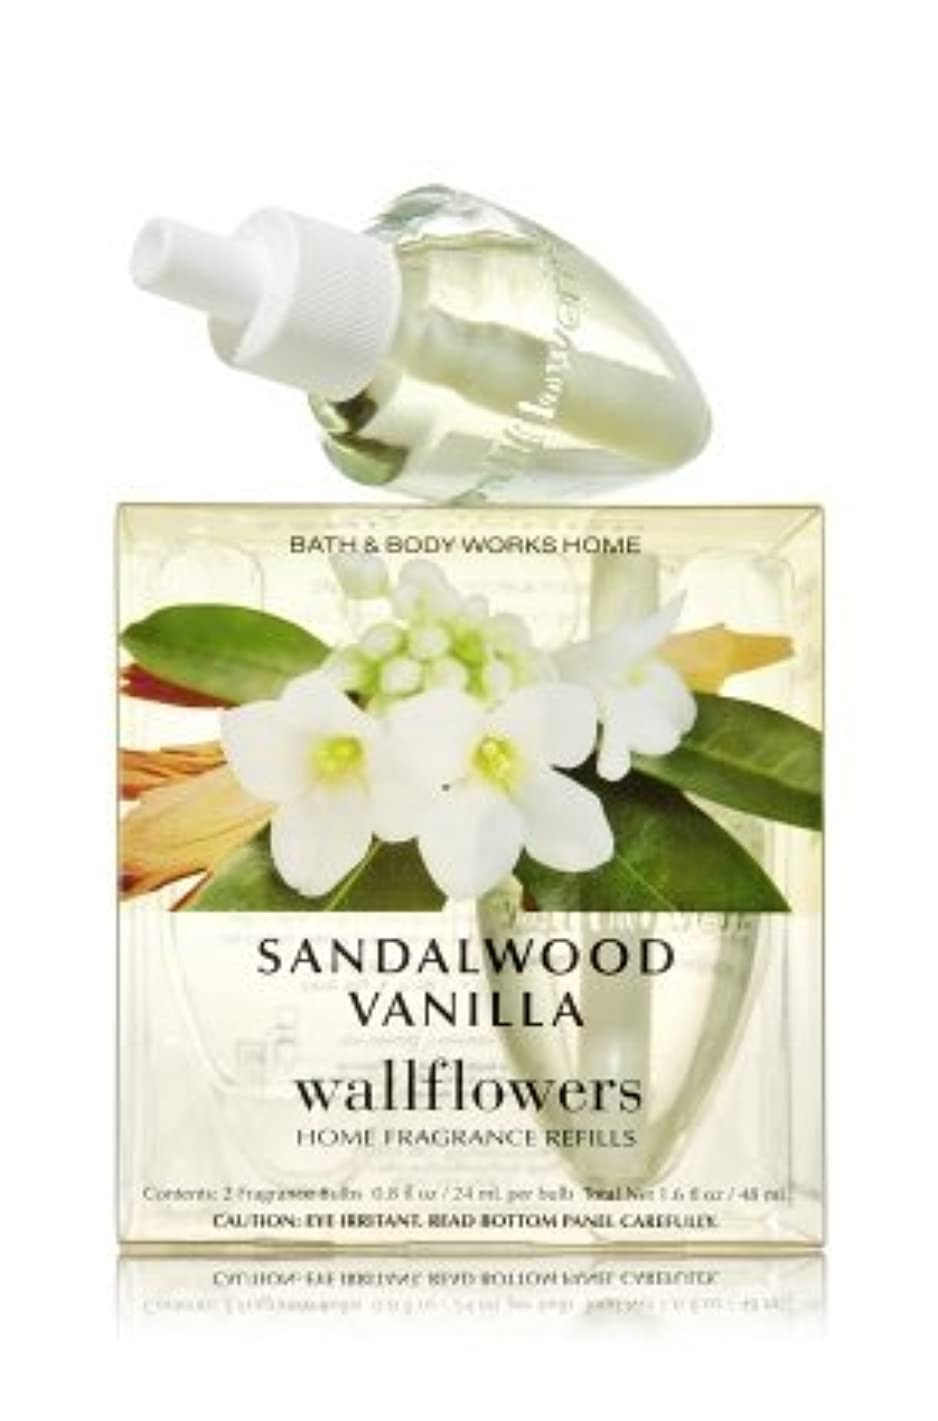 散らす機械部【Bath&Body Works/バス&ボディワークス】 ルームフレグランス 詰替えリフィル(2個入り) サンダルウッドバニラ Wallflowers Home Fragrance 2-Pack Refills Sandalwood Vanilla [並行輸入品]